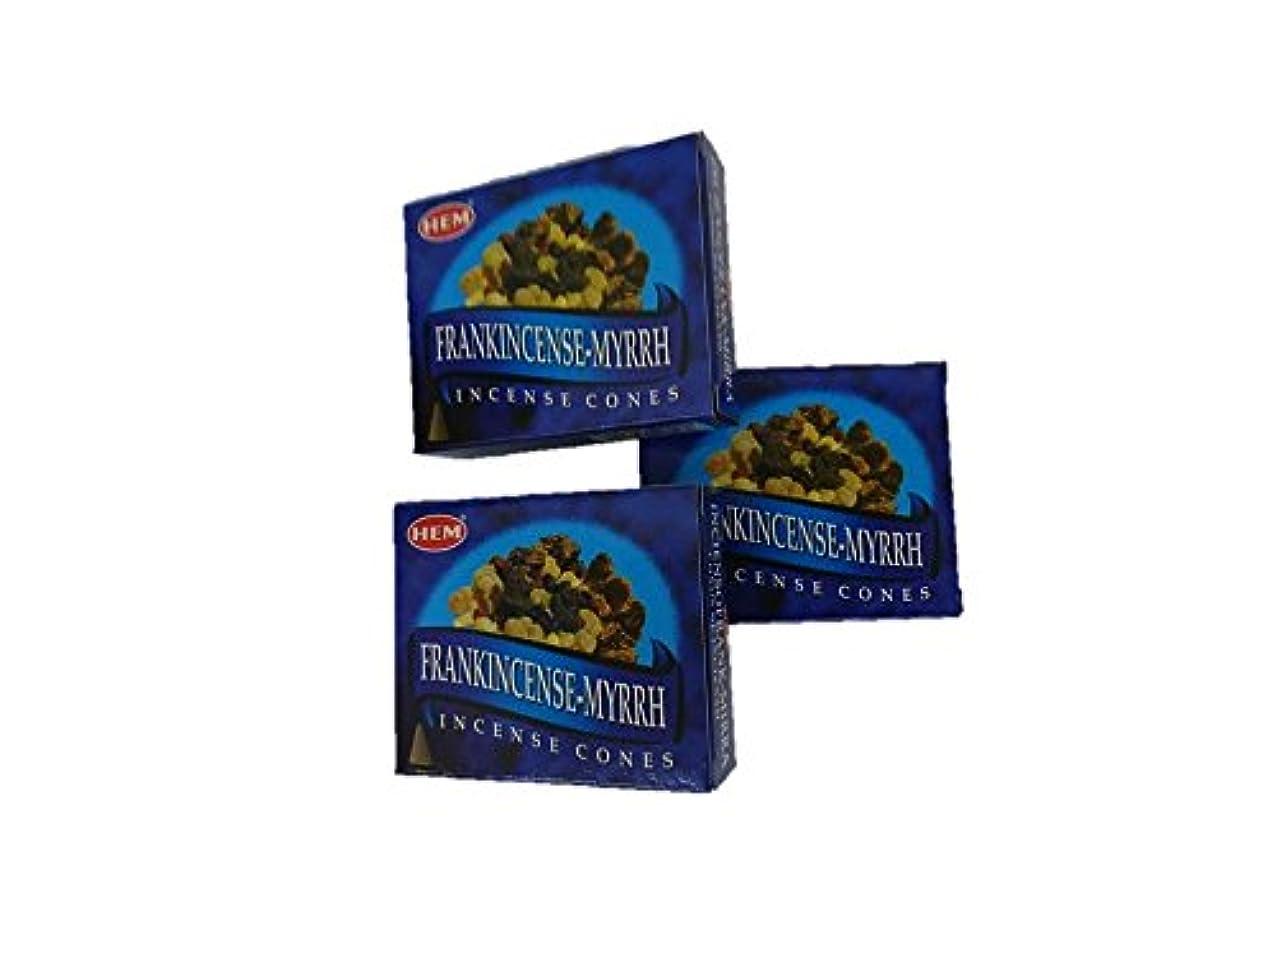 ブロー慣習バーガーHEM(ヘム)お香コーン フランキンセンスミルラ コーン 3個セット